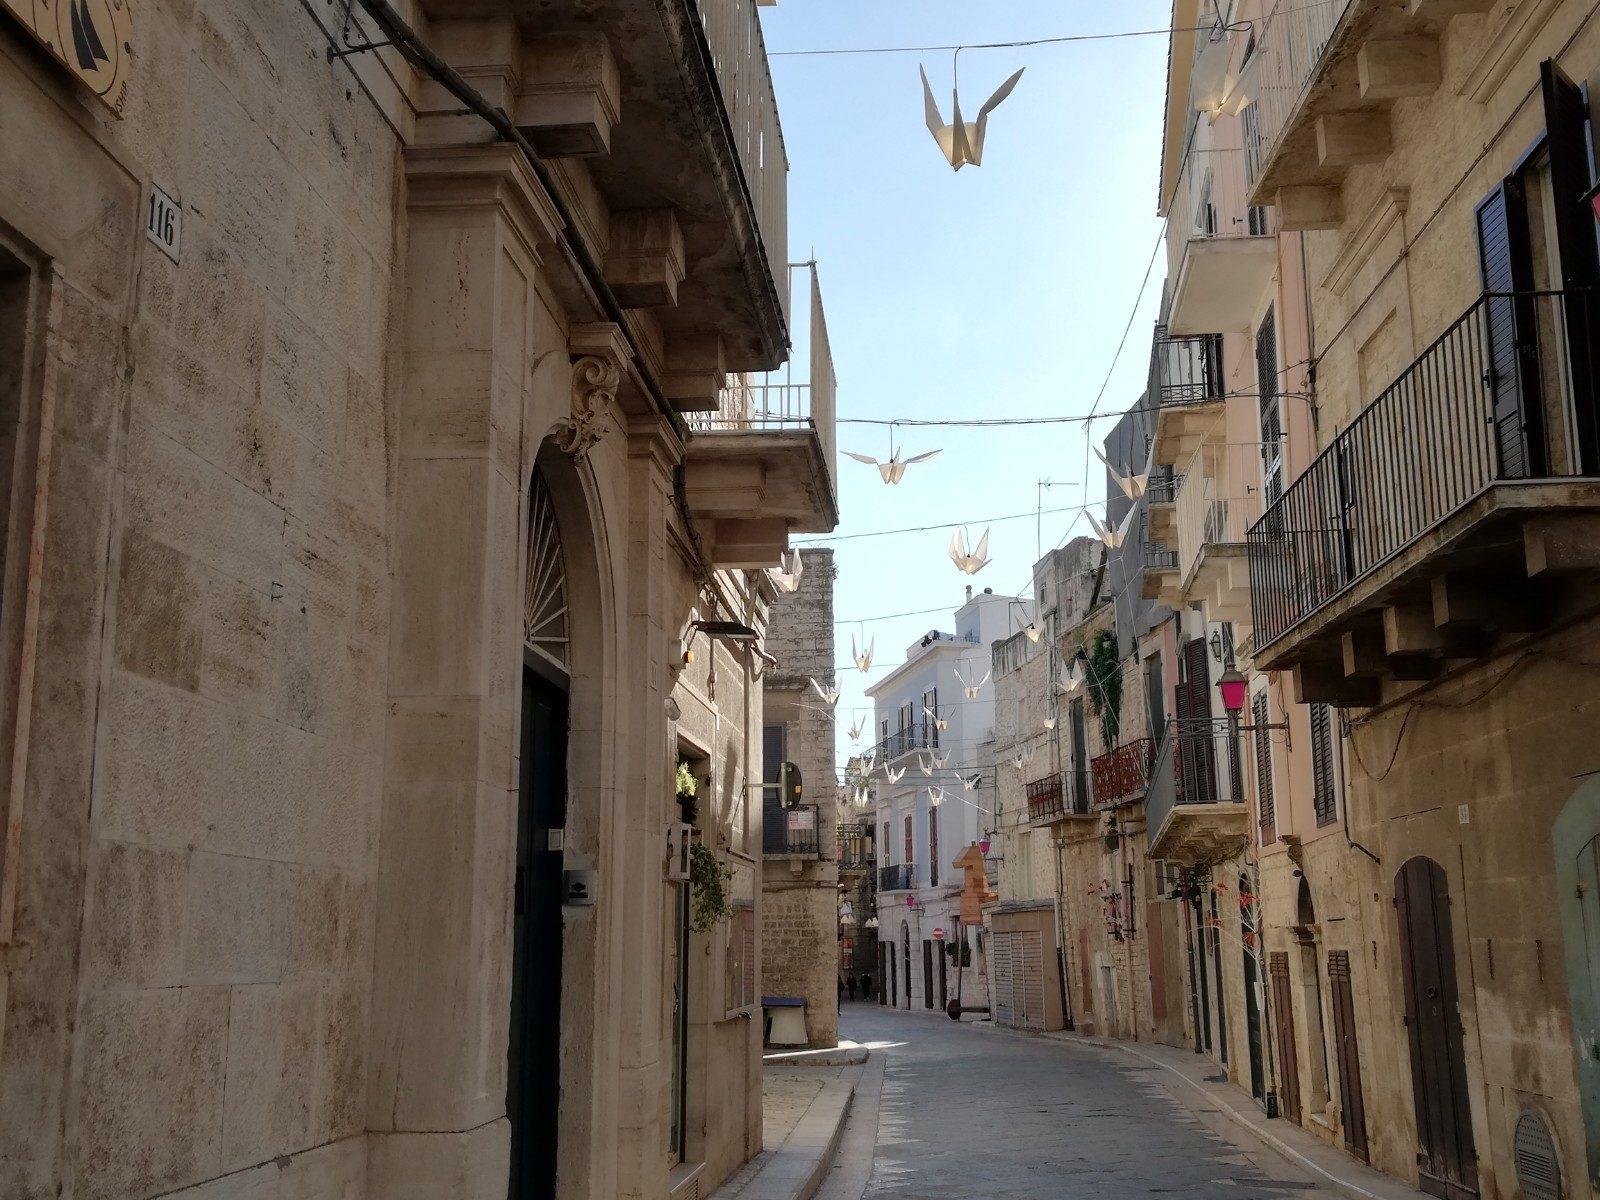 Uno scorcio del borgo antico di Ruvo di Puglia